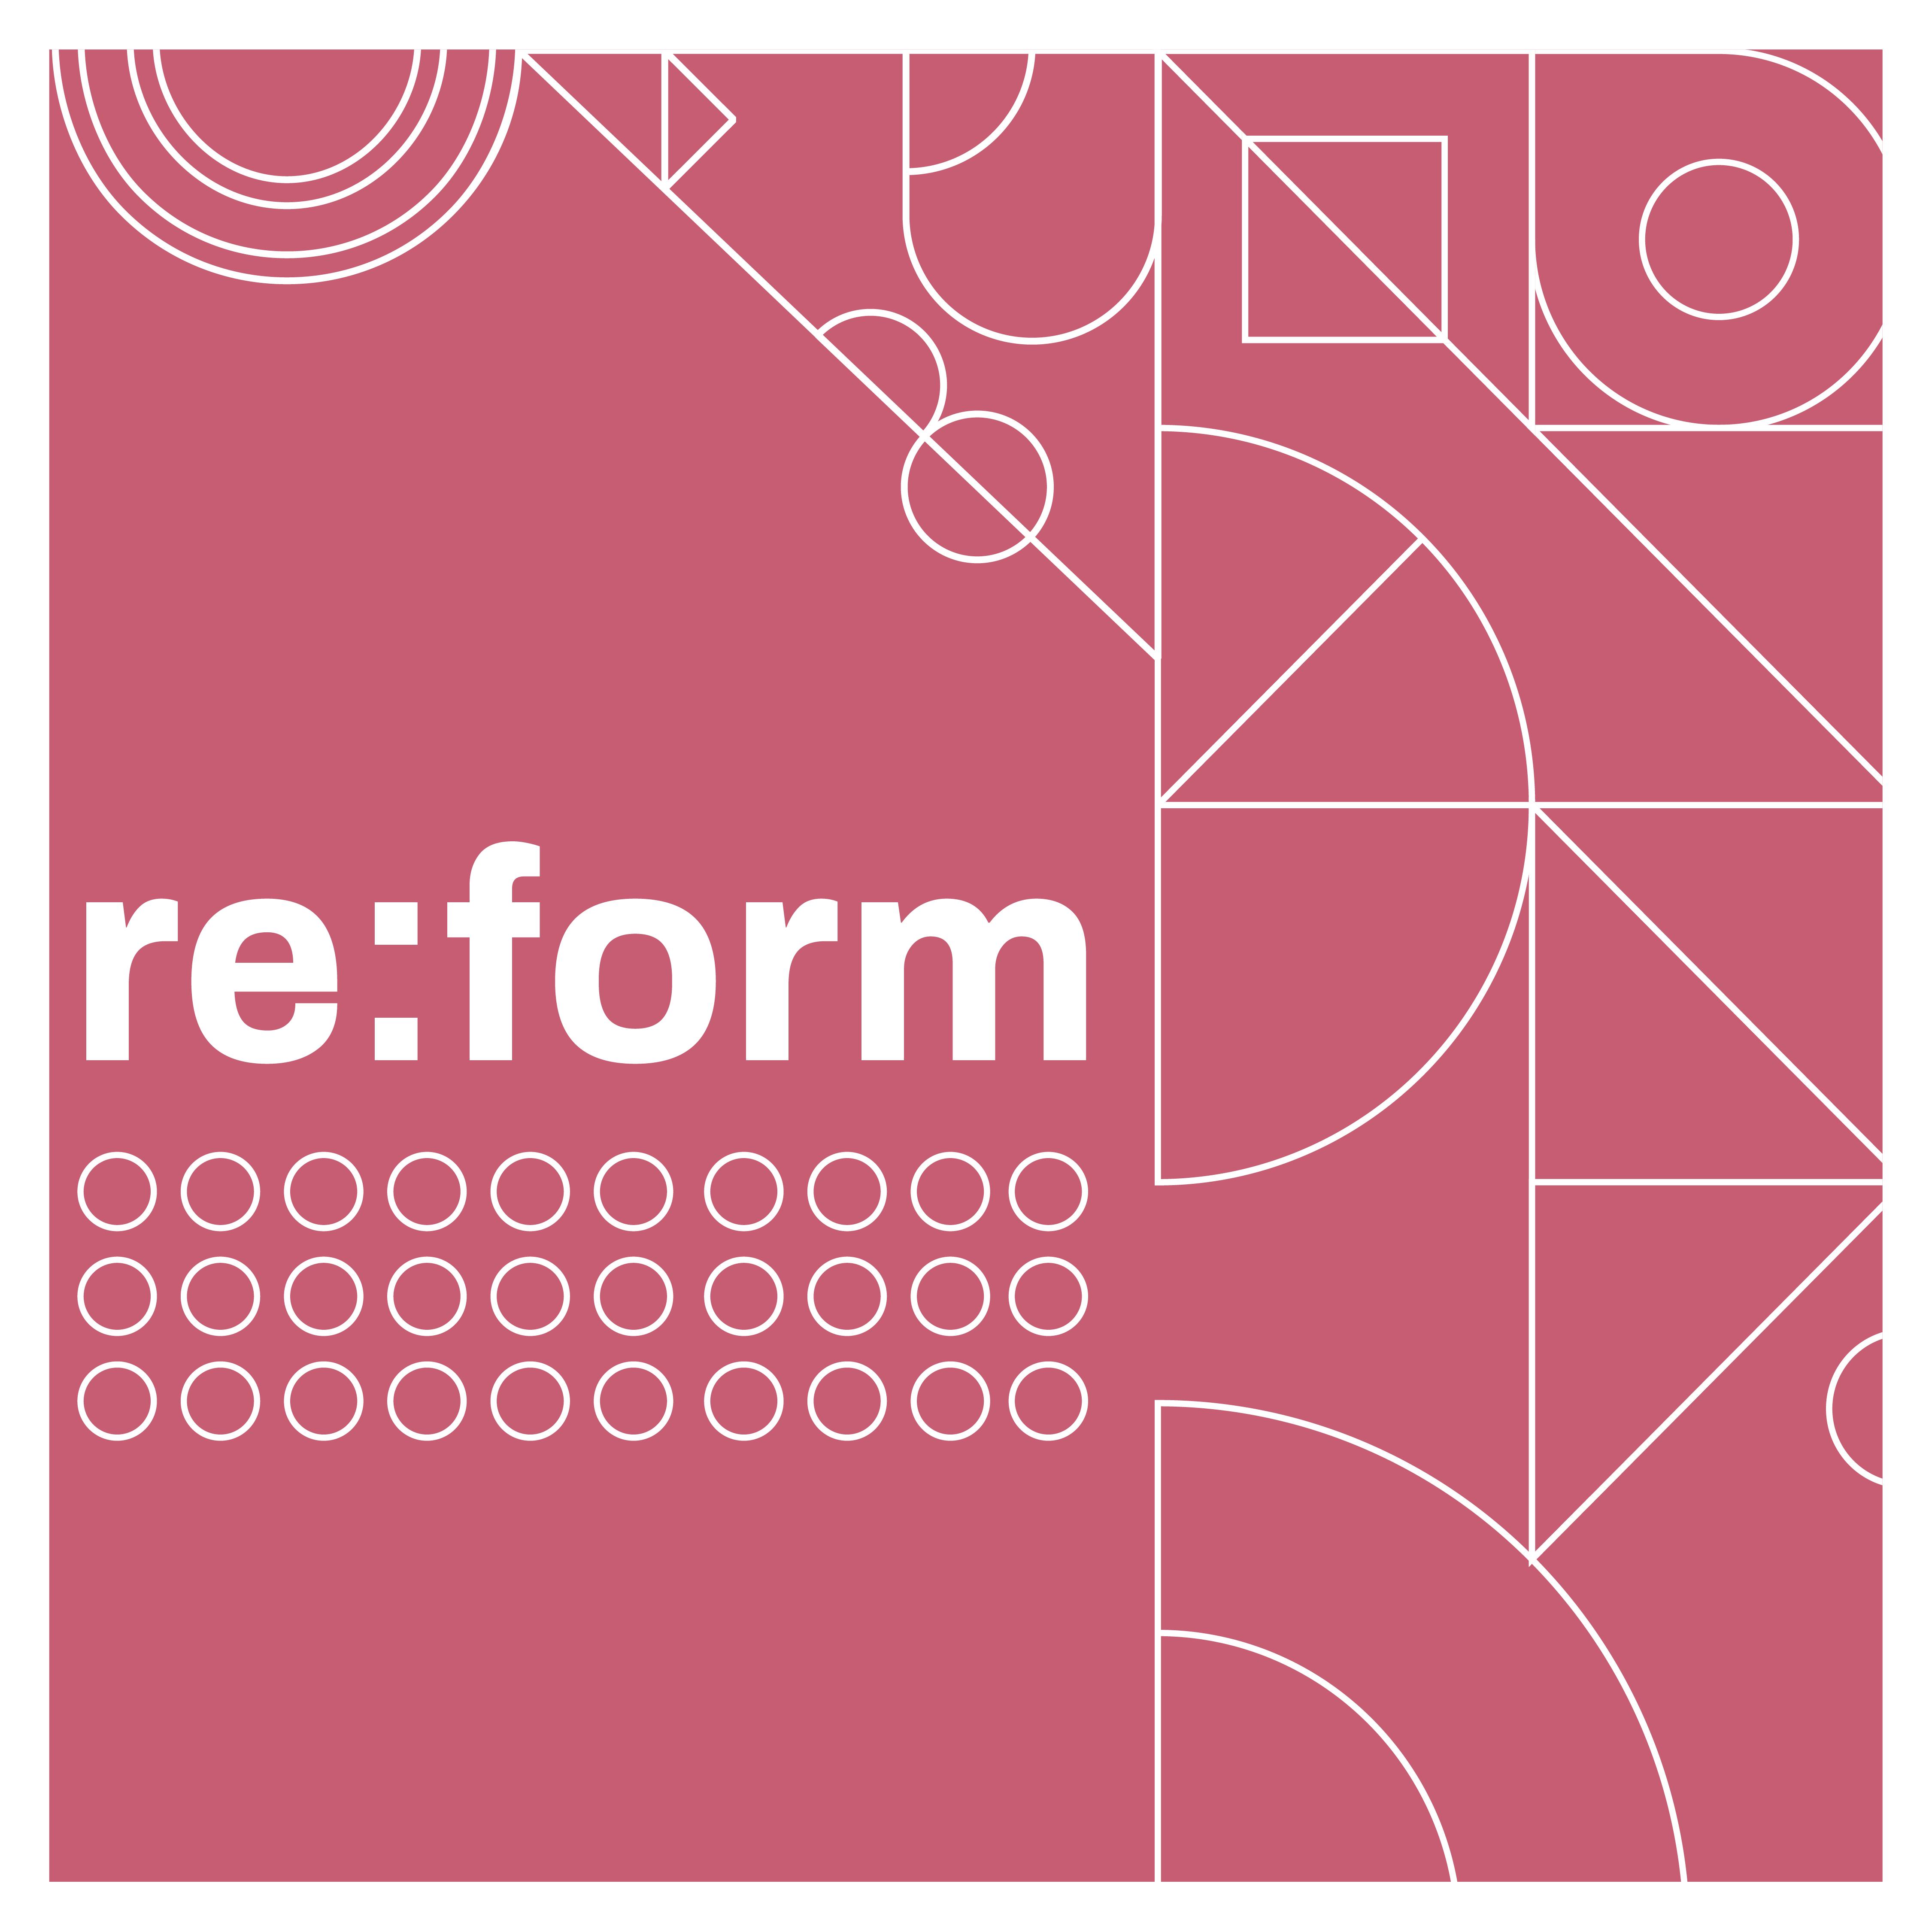 re:form - program de facilitare și microfinanțare pentru regândirea practicilor de muncă în cultură